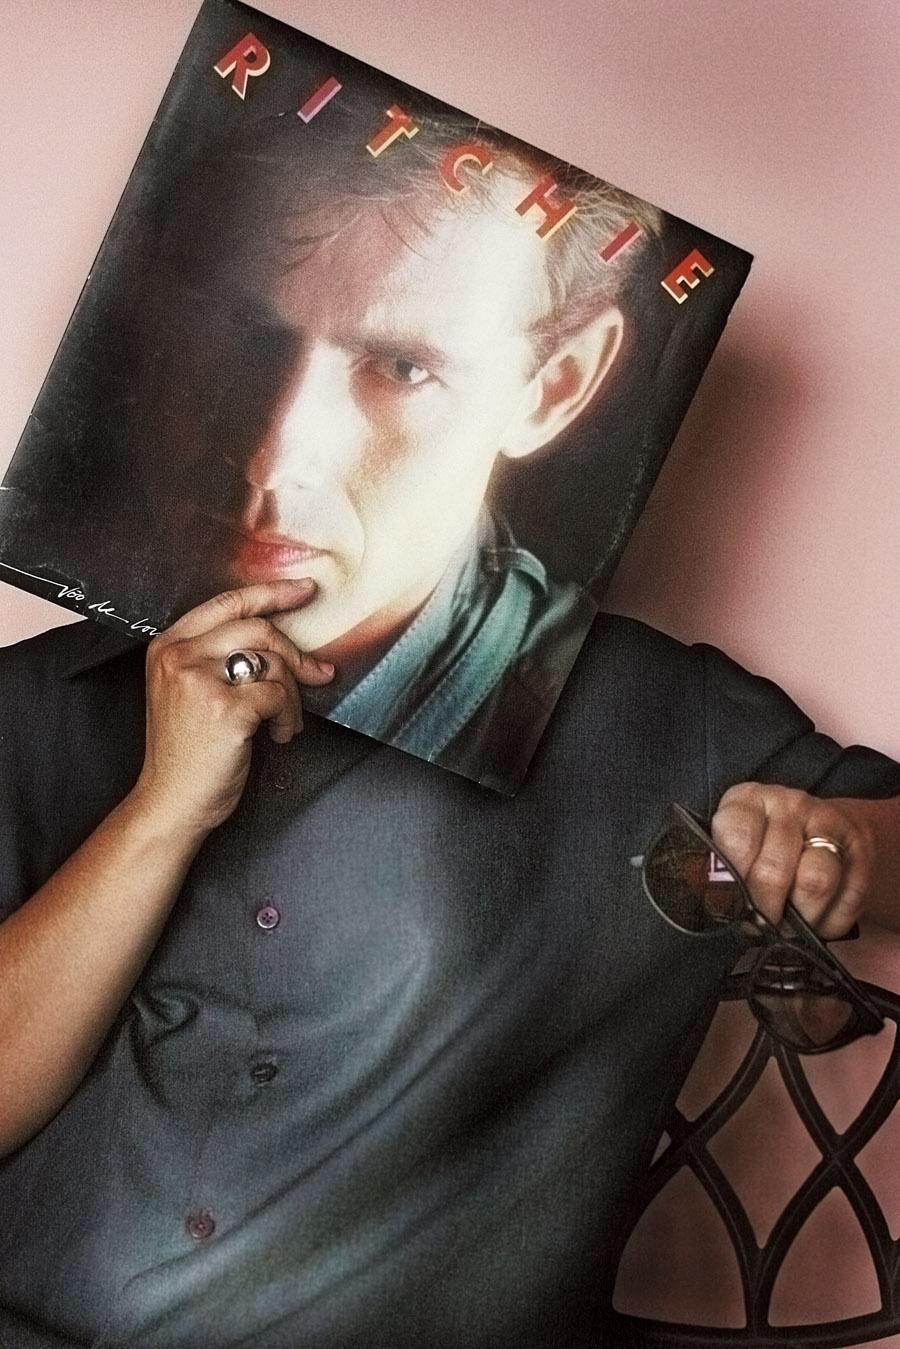 3. Ritchie, Voo de Coração, 1983: Este LP talvez seja um dos discos de rock nacional que mais ouvi na vida. Acho o repertório muito bom, não foi à toa que vendeu demais na época